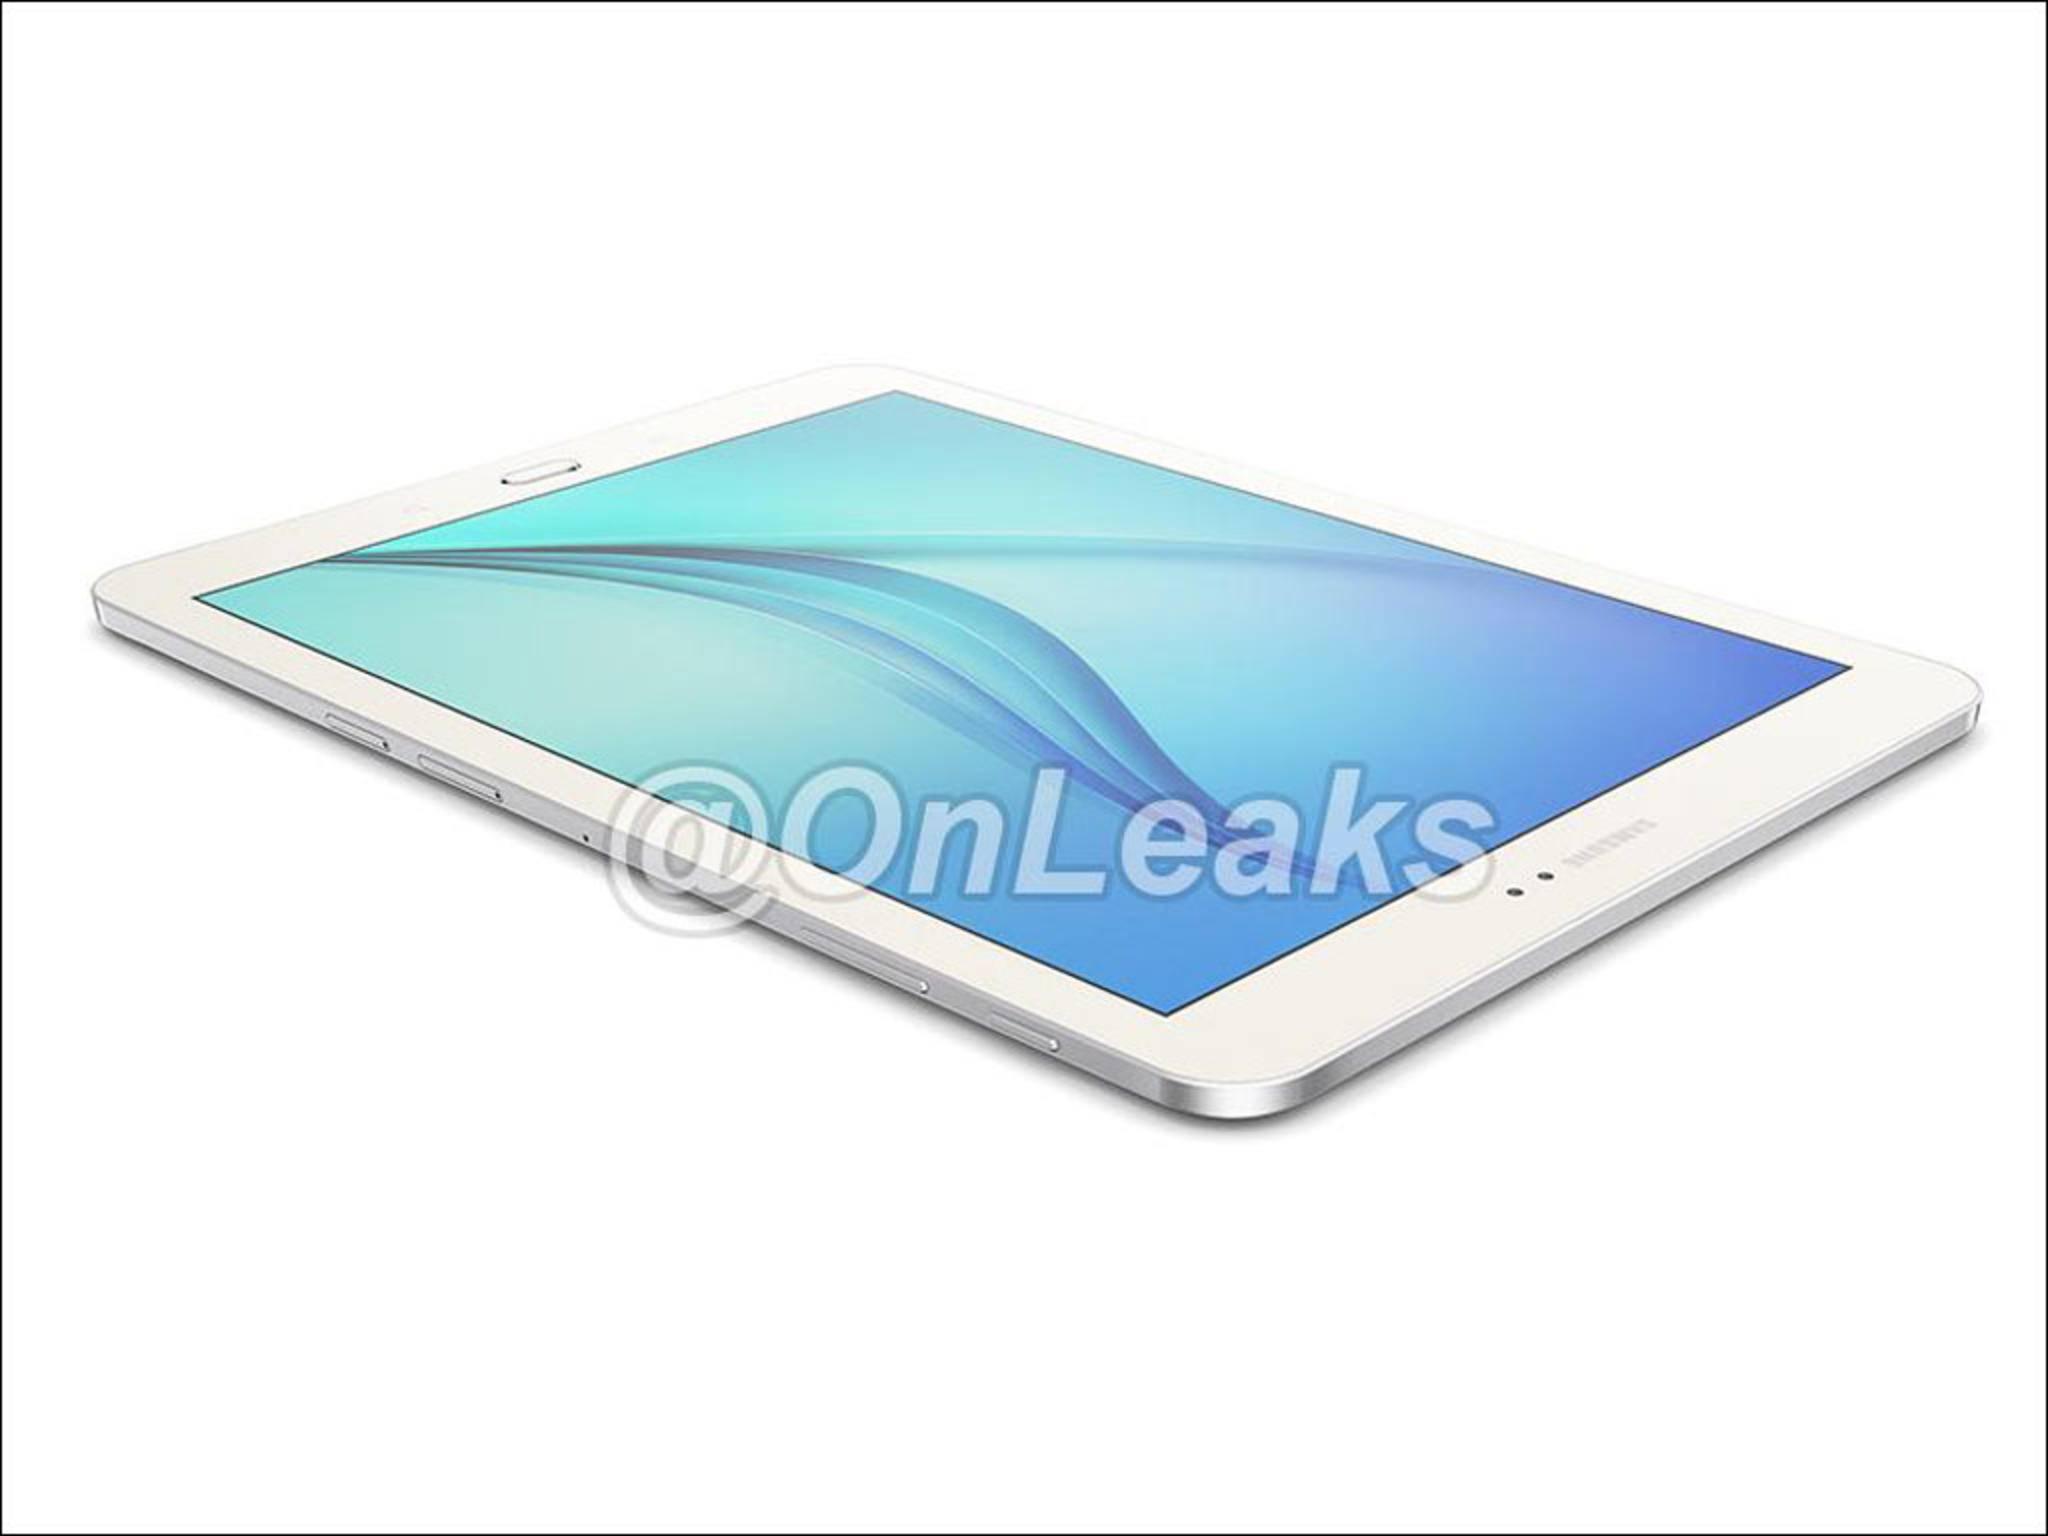 Zeigt dieses Bild das neue Samsung-Galaxy-Tab-S2? Im Juni soll das Gerät auf den Markt kommen.